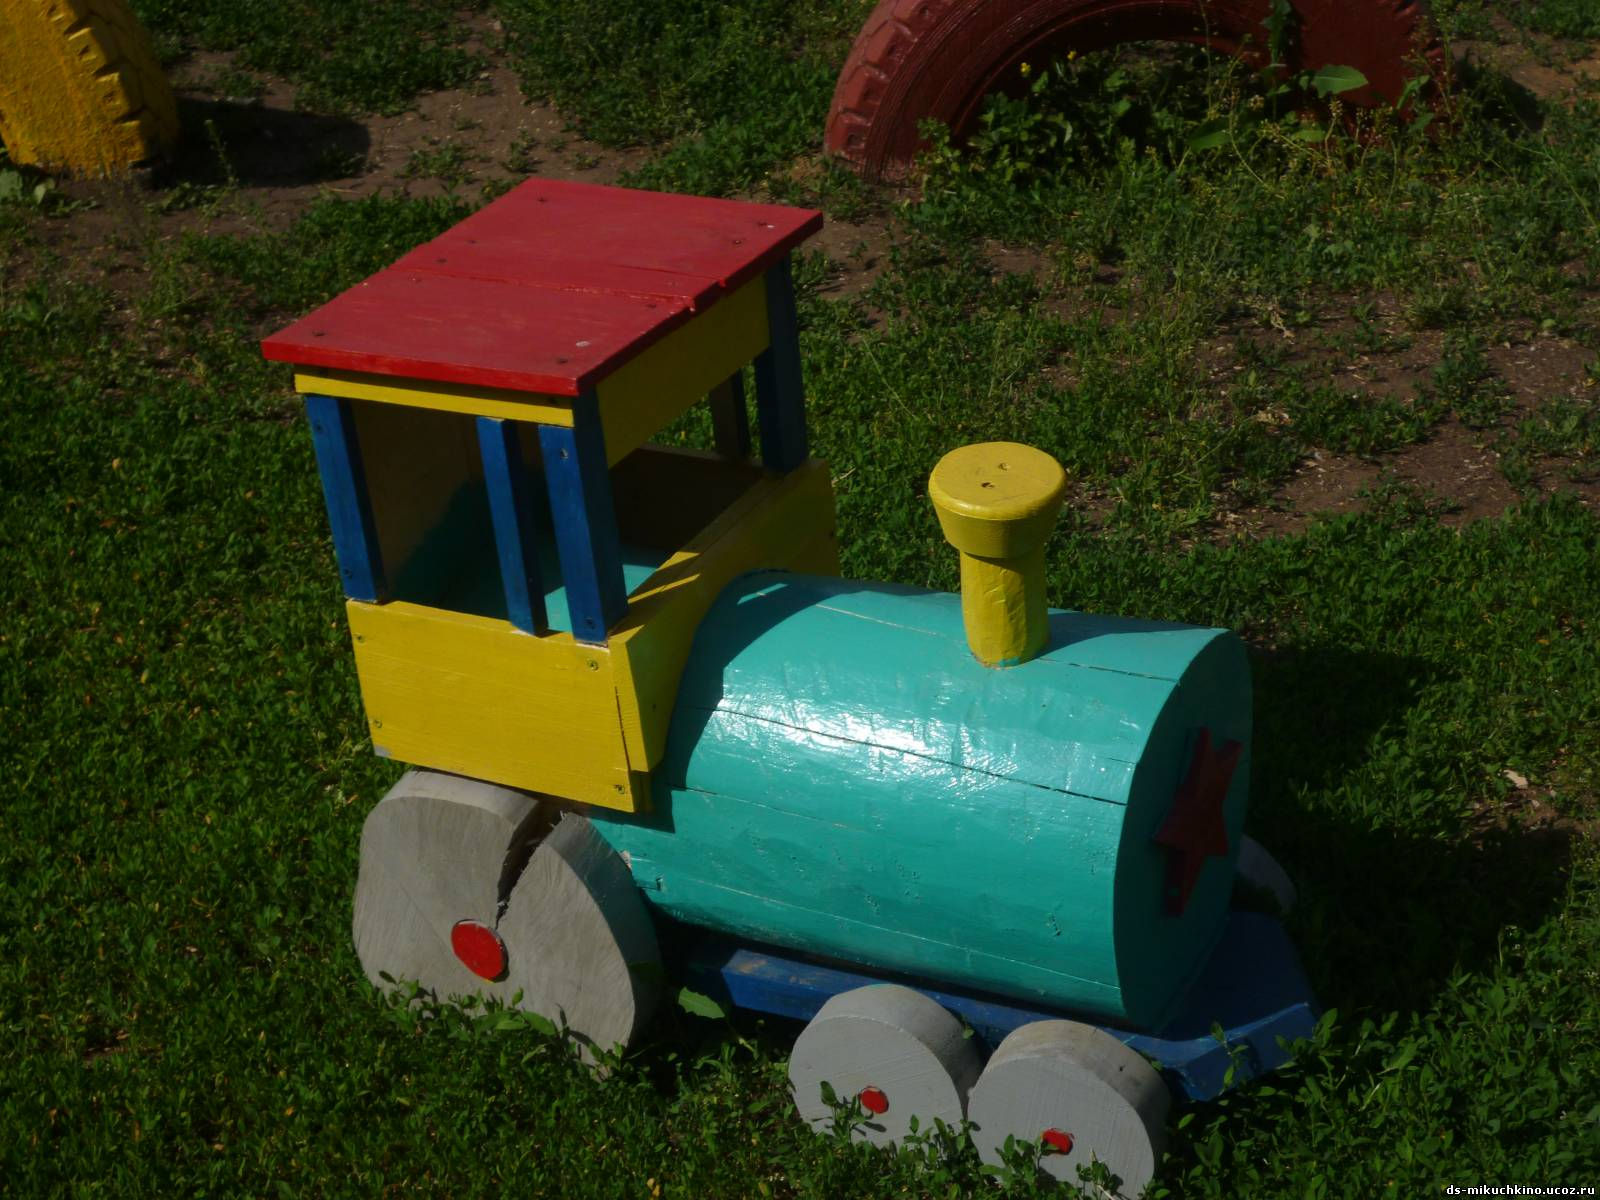 Идеи для детской площадки: детский паровозик 88